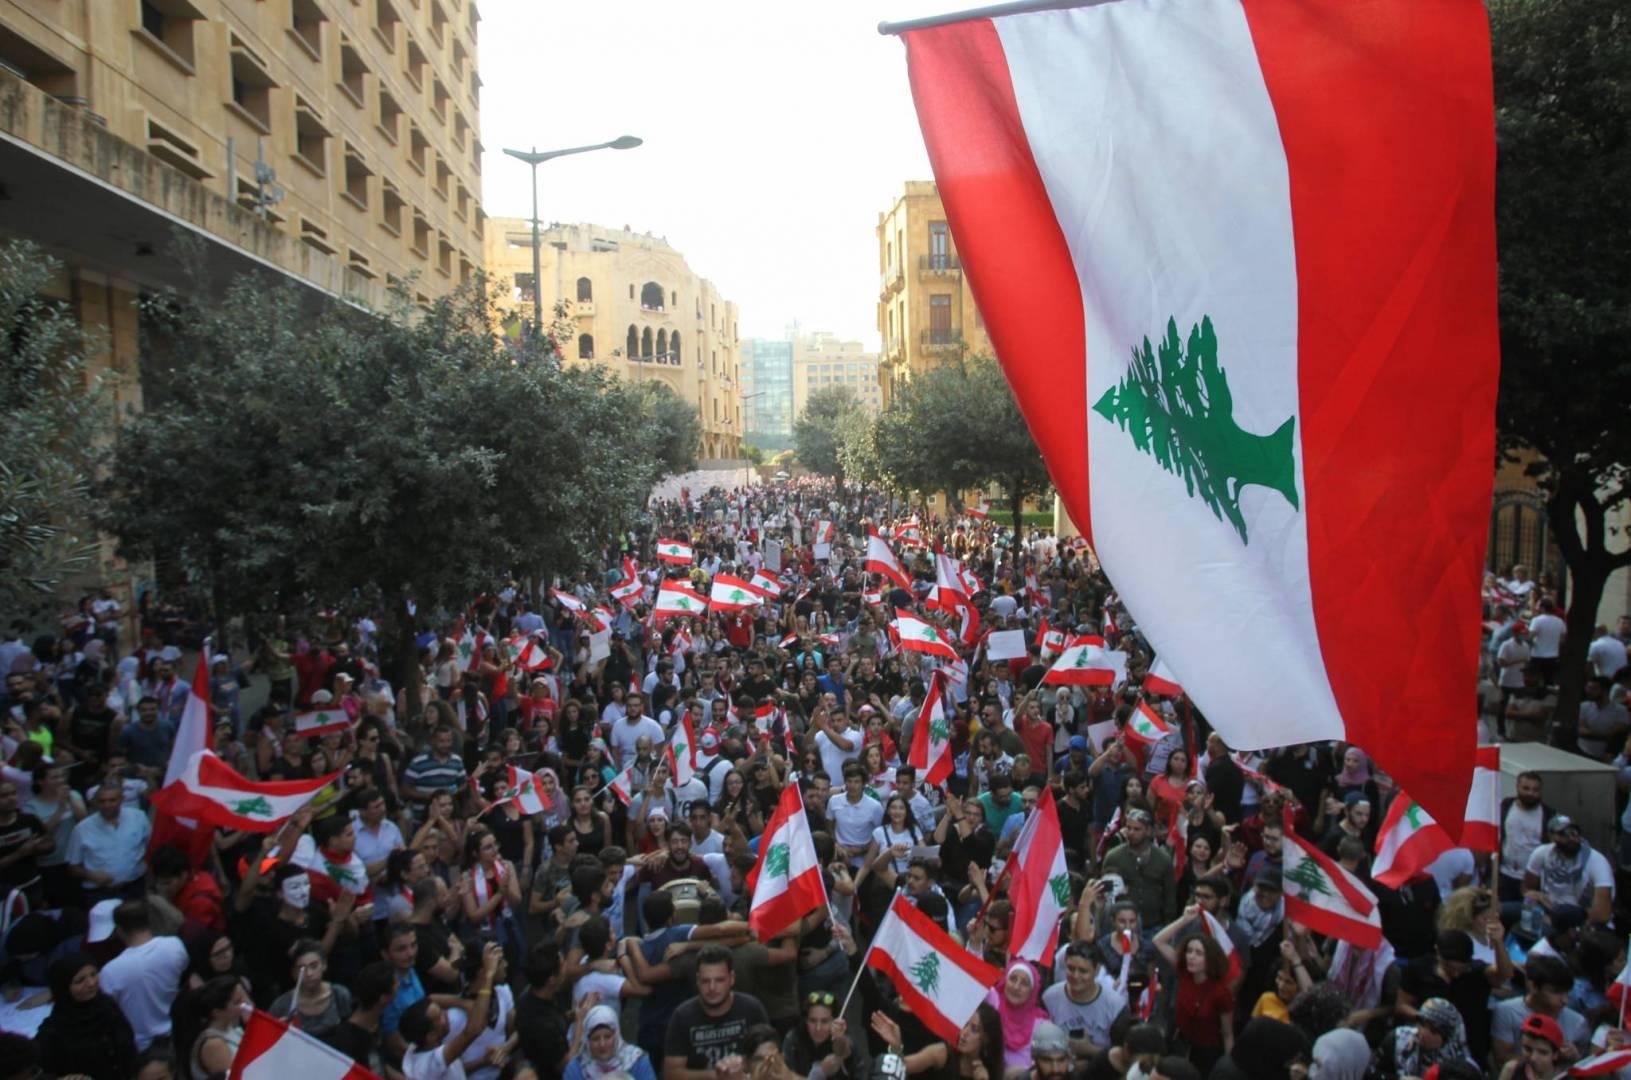 جمعية مصارف لبنان تعلن إغلاق كافة المصارف غدا